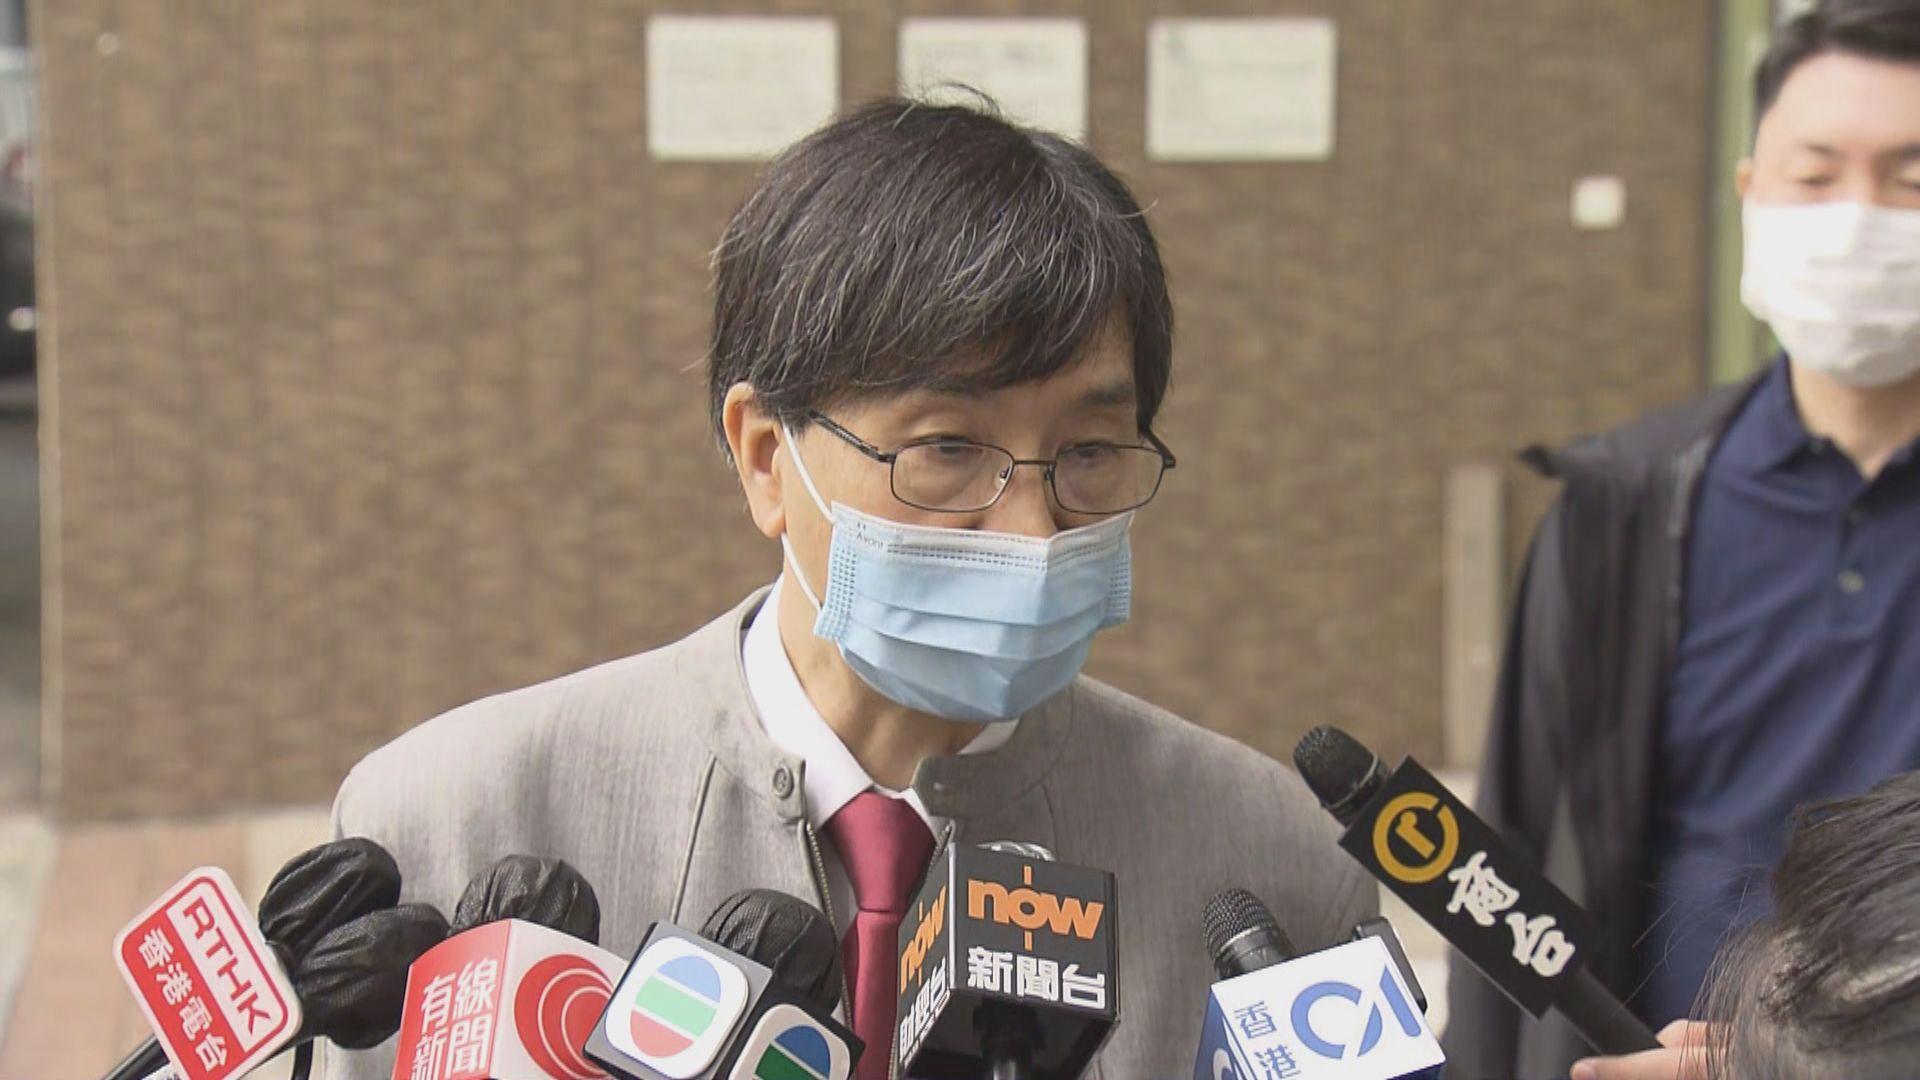 袁國勇接種復必泰新冠病毒疫苗 稱要示範疫苗重要性